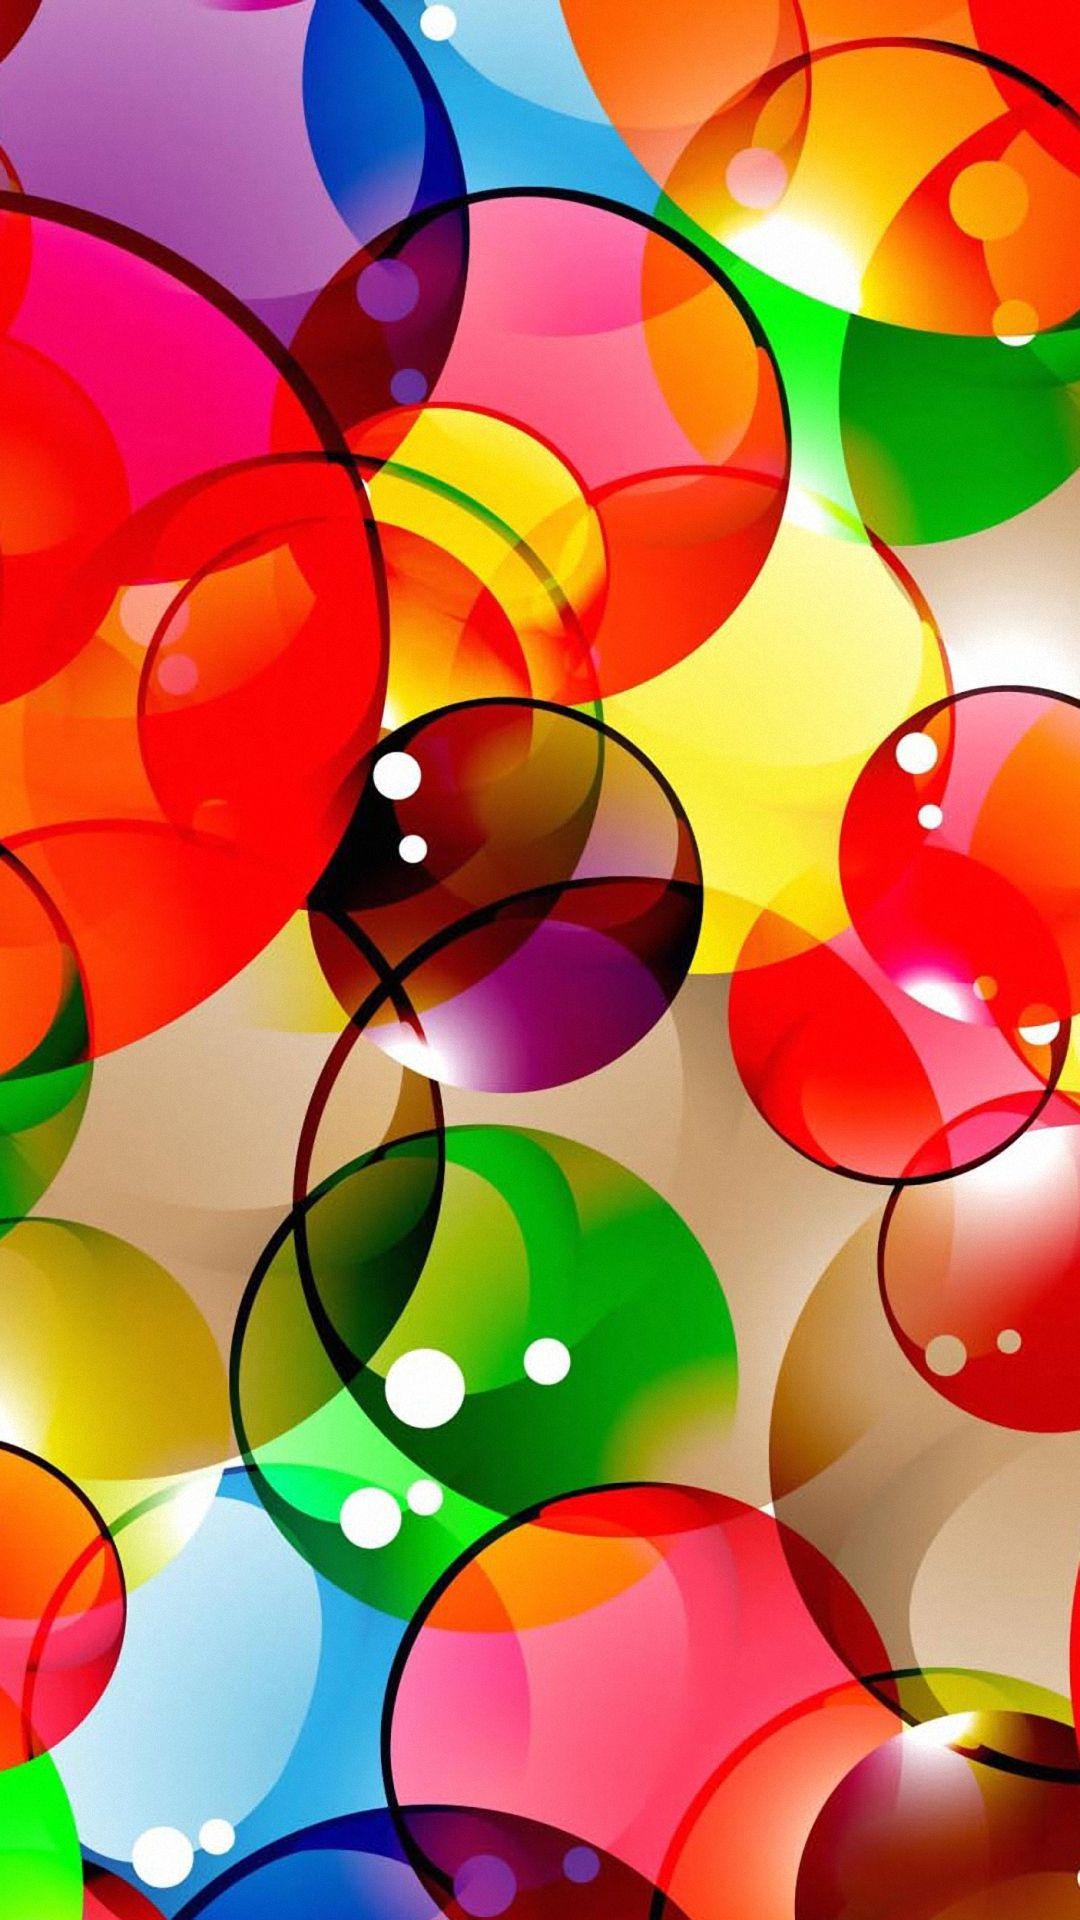 Hình nền điện thoại bong bóng màu sắc